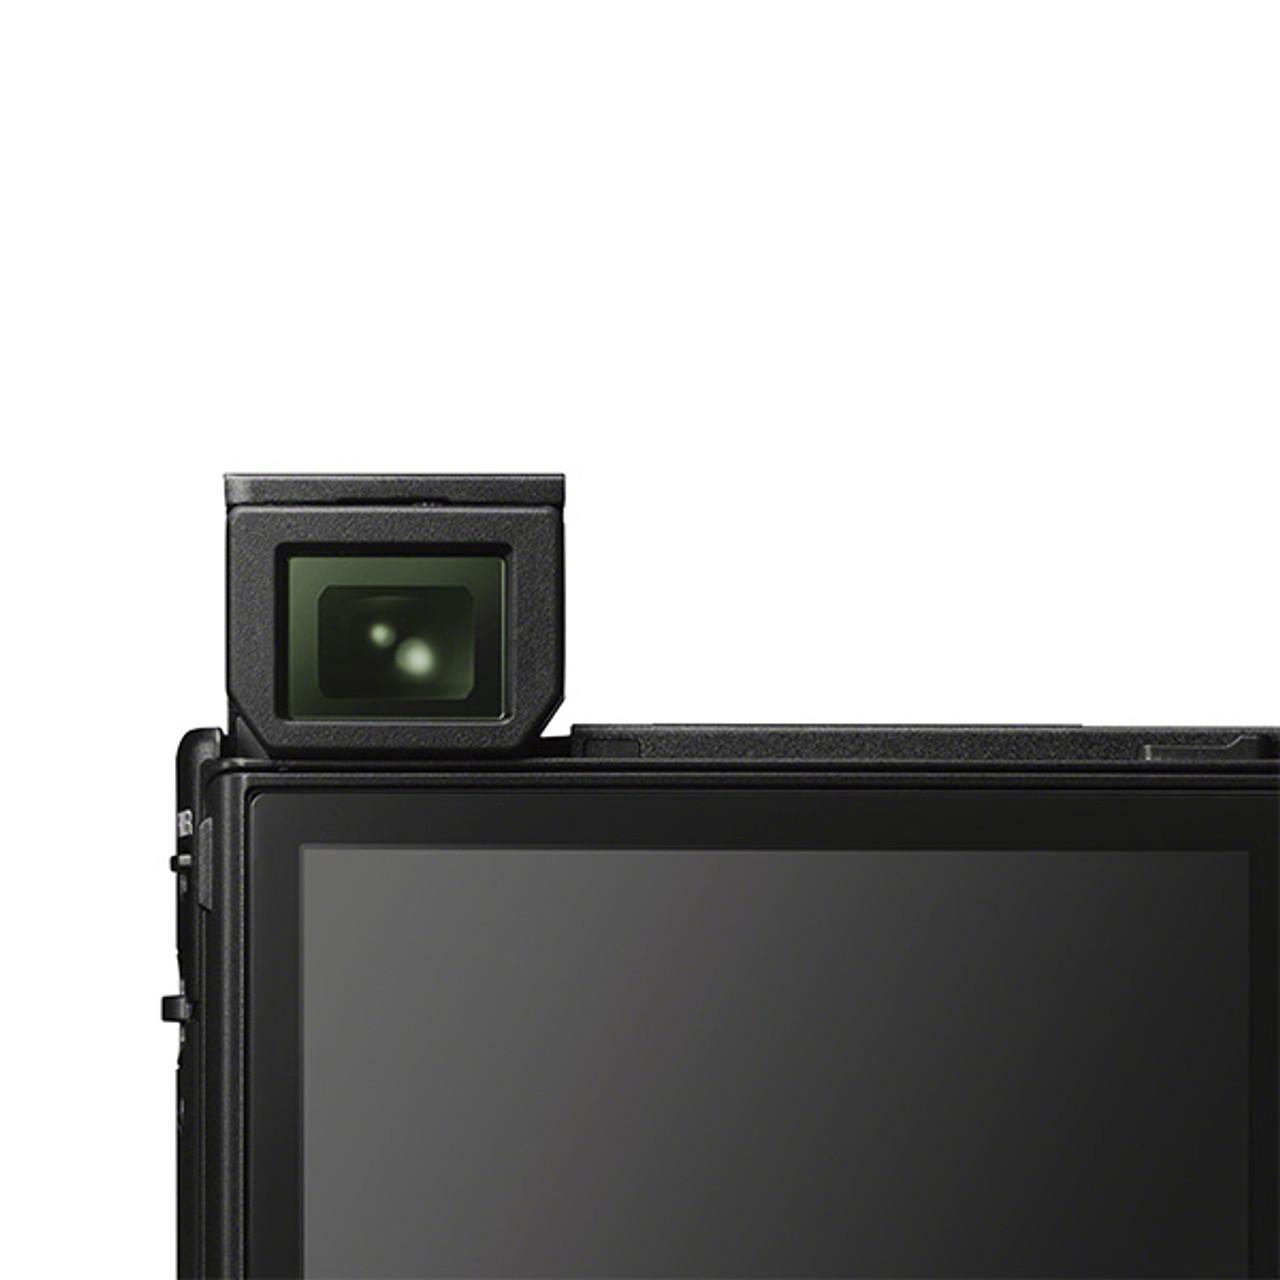 Sony DSC-RX100M5A